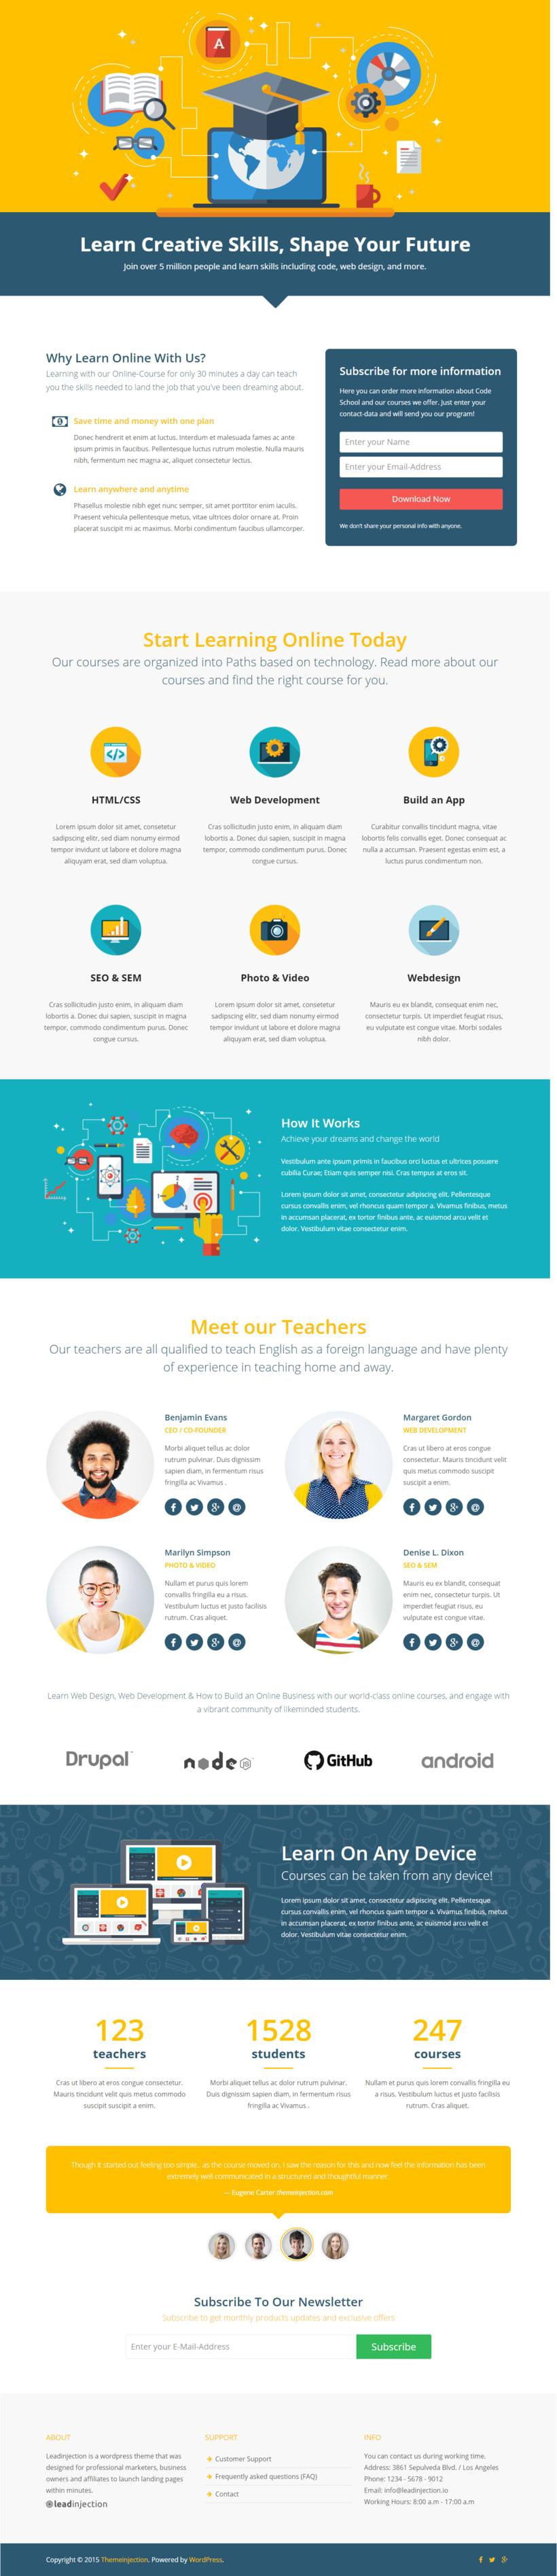 Plantilla WordPress para Cursos online -1